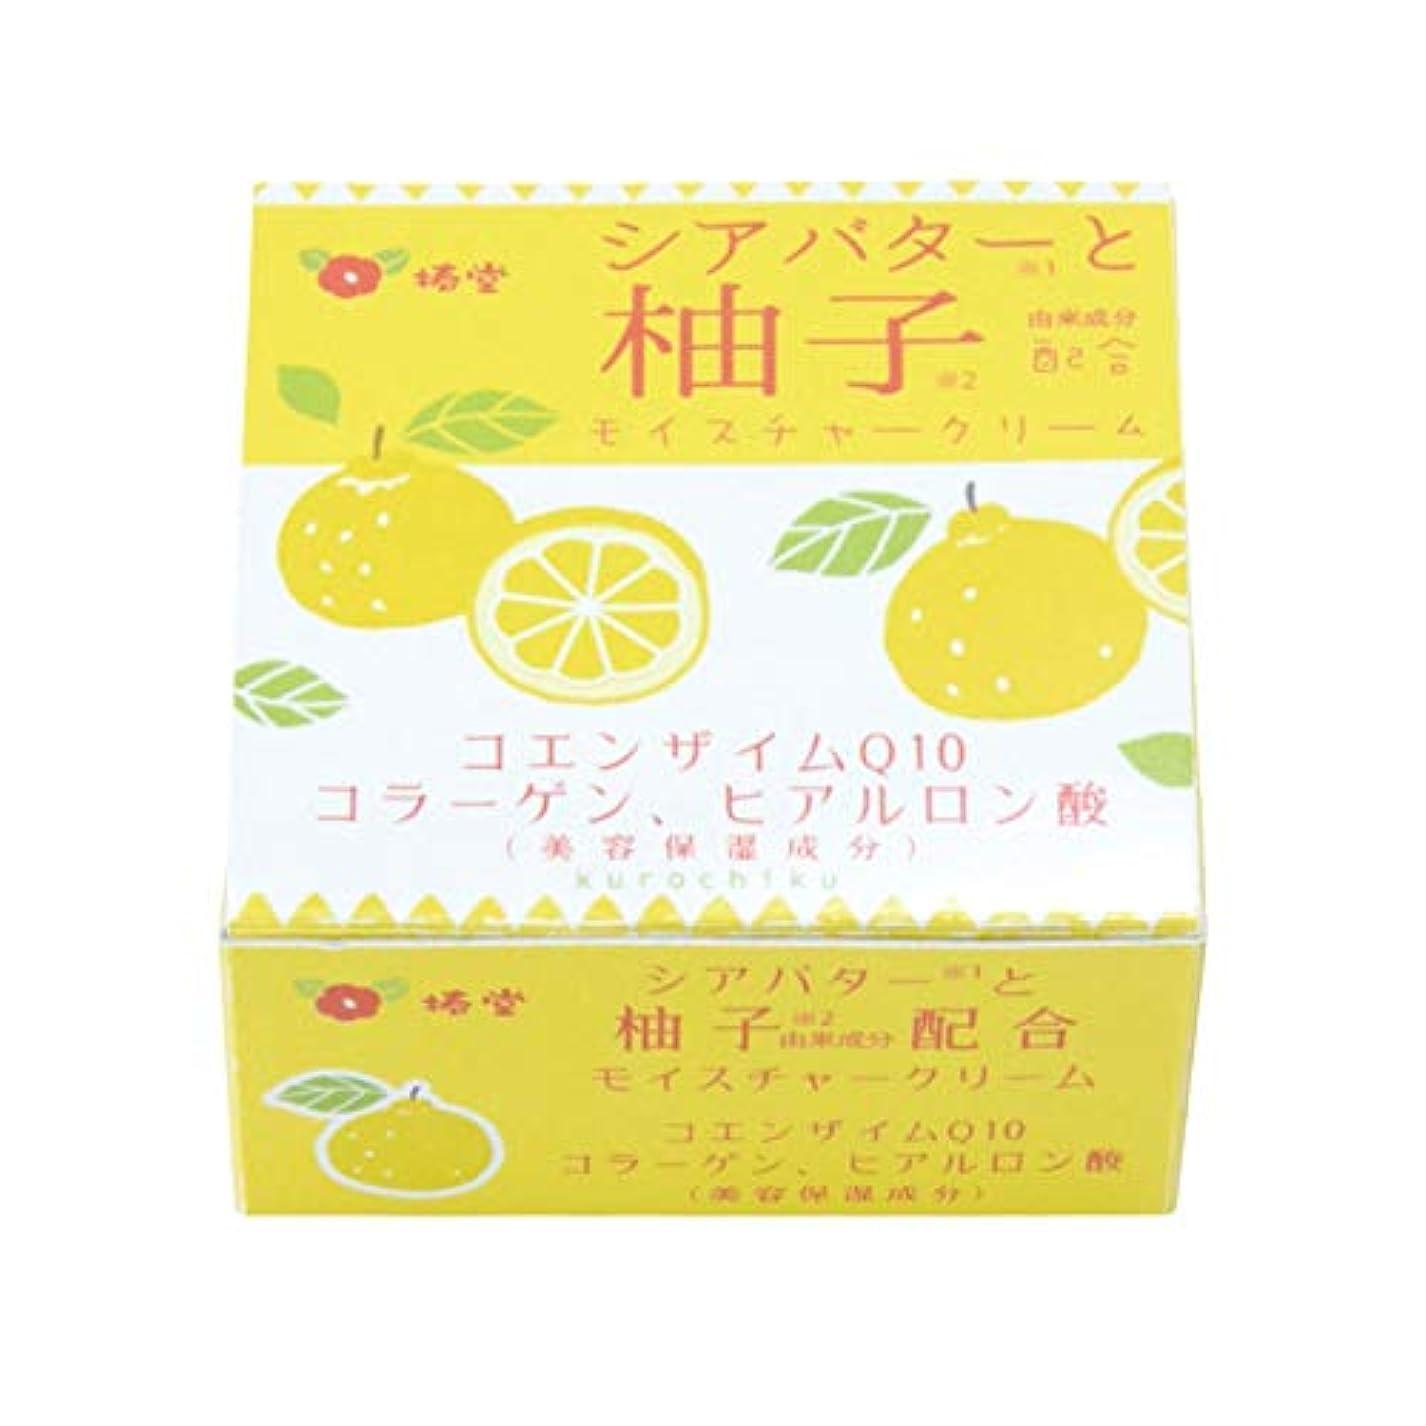 フェデレーション規定パトロン椿堂 柚子モイスチャークリーム (シアバターと柚子) 京都くろちく